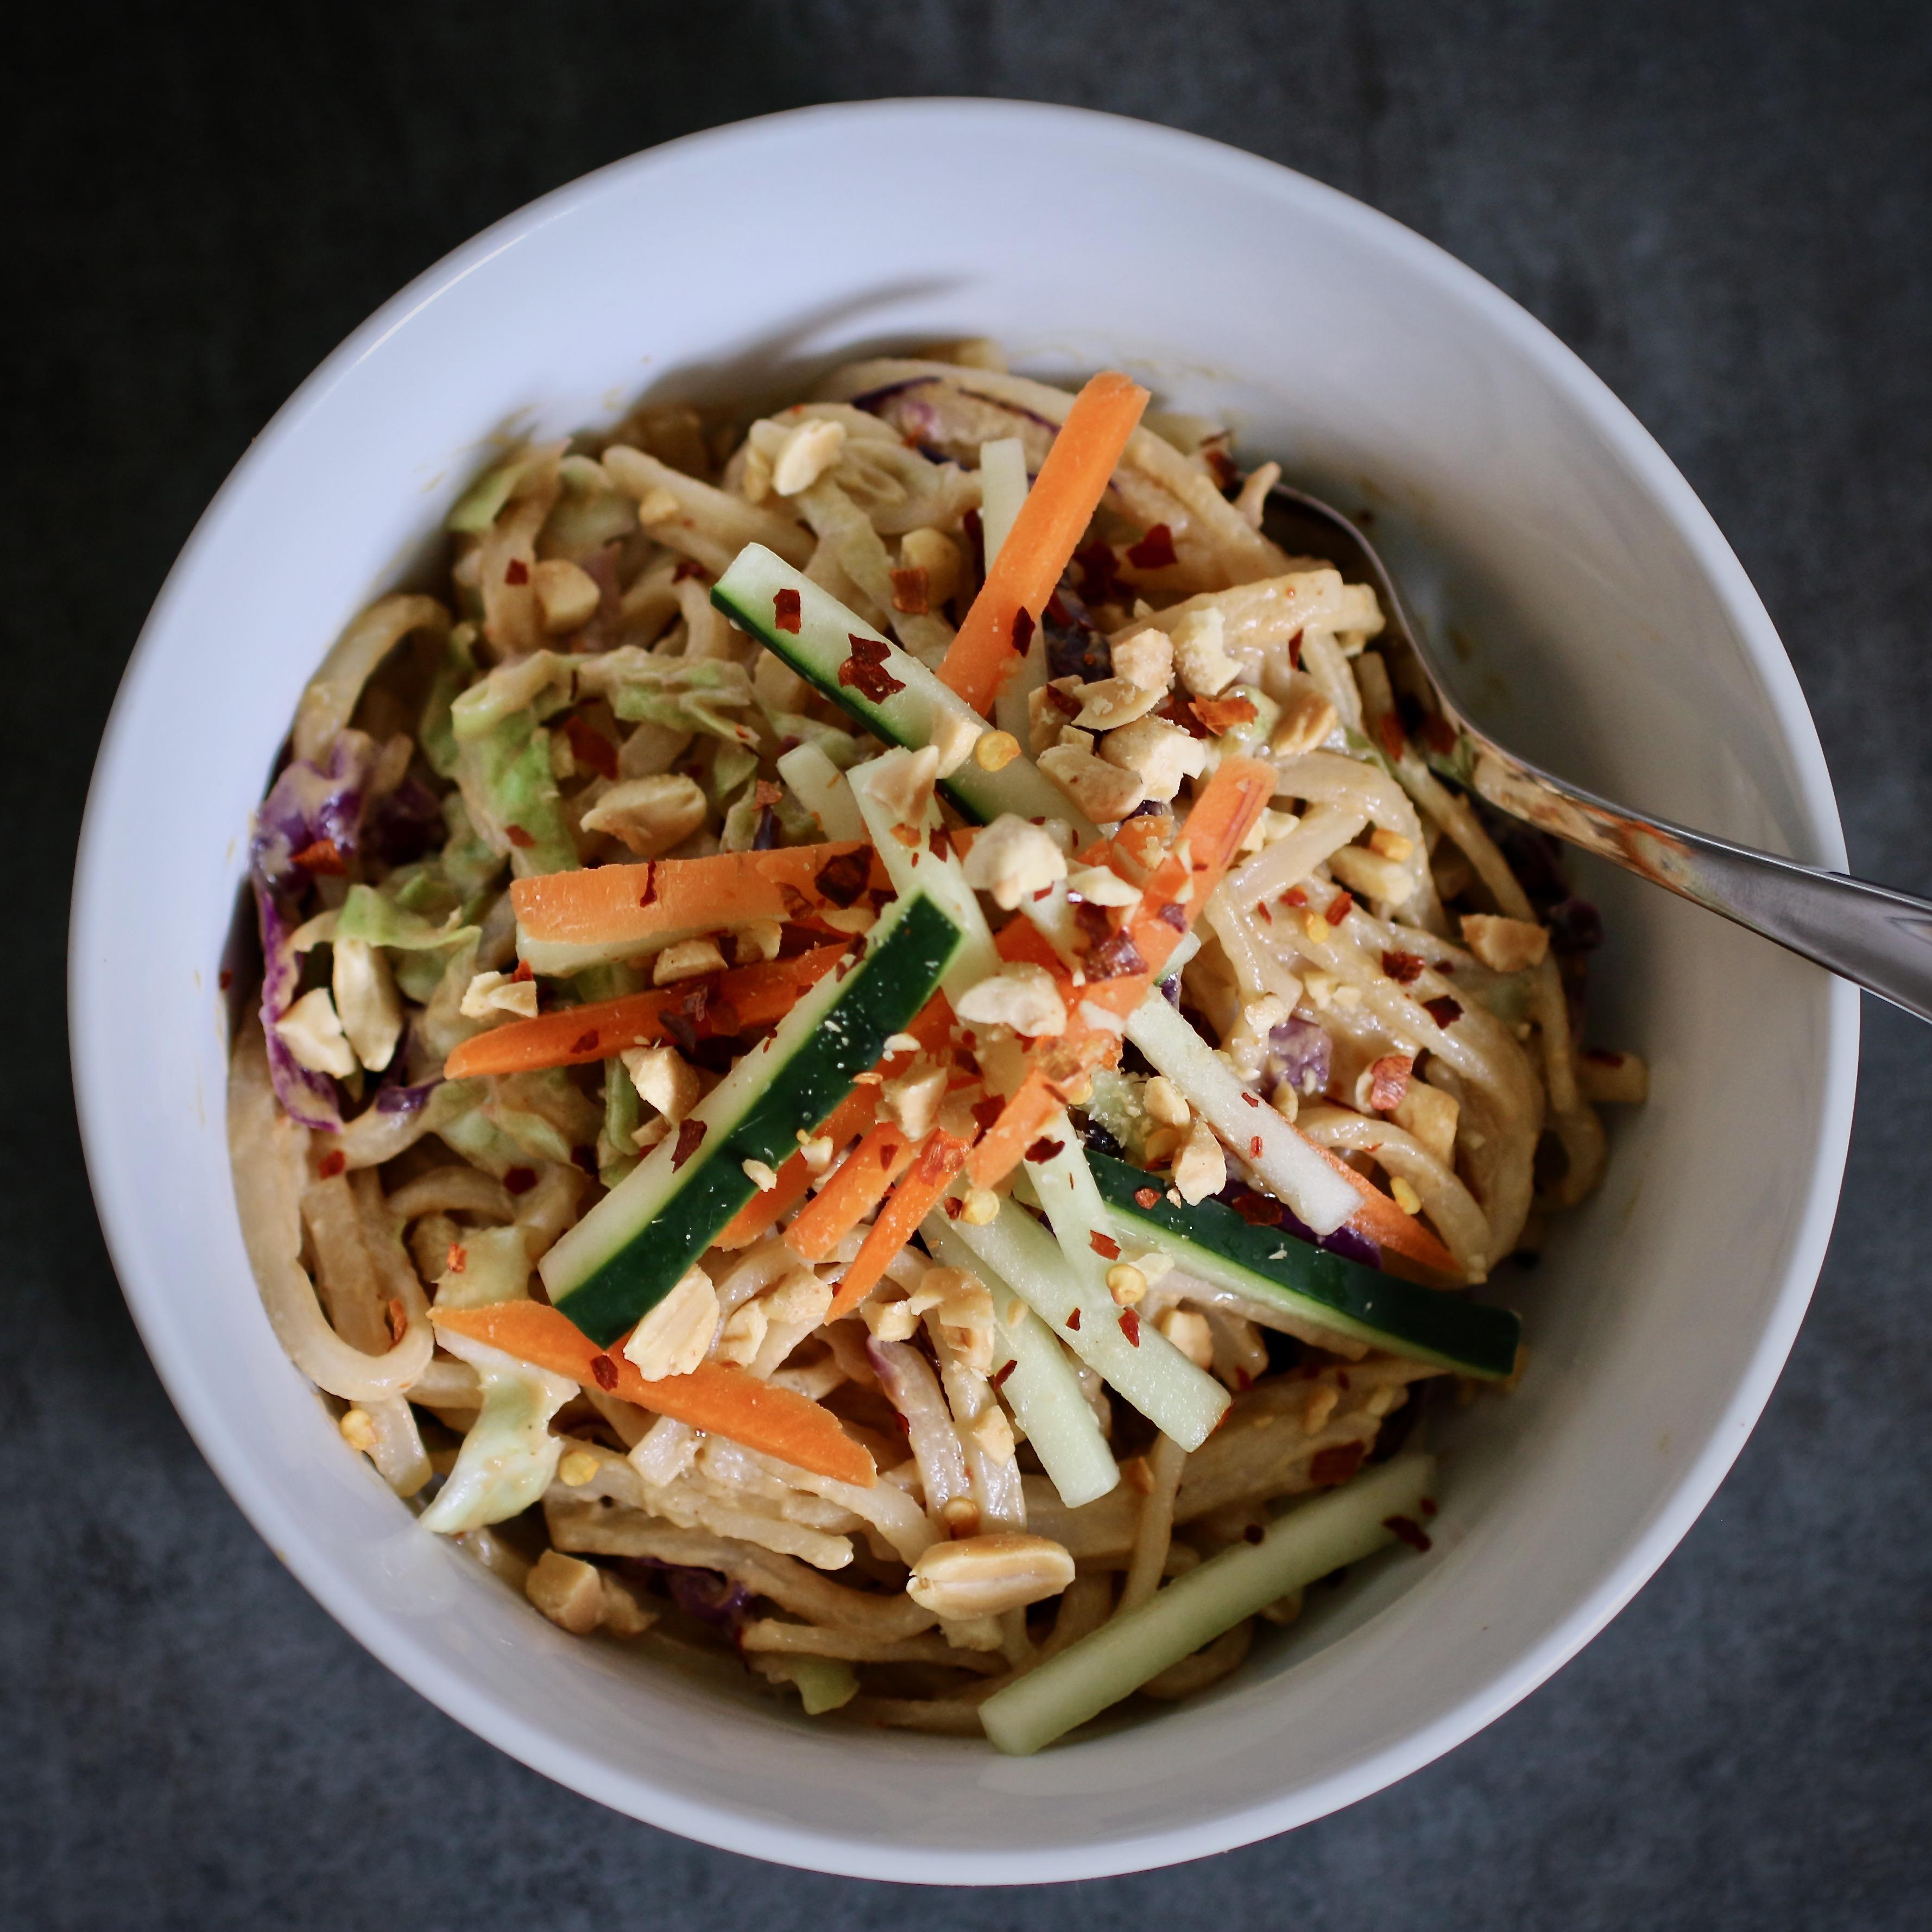 Gluten-Free Spicy Sesame-Peanut Noodles